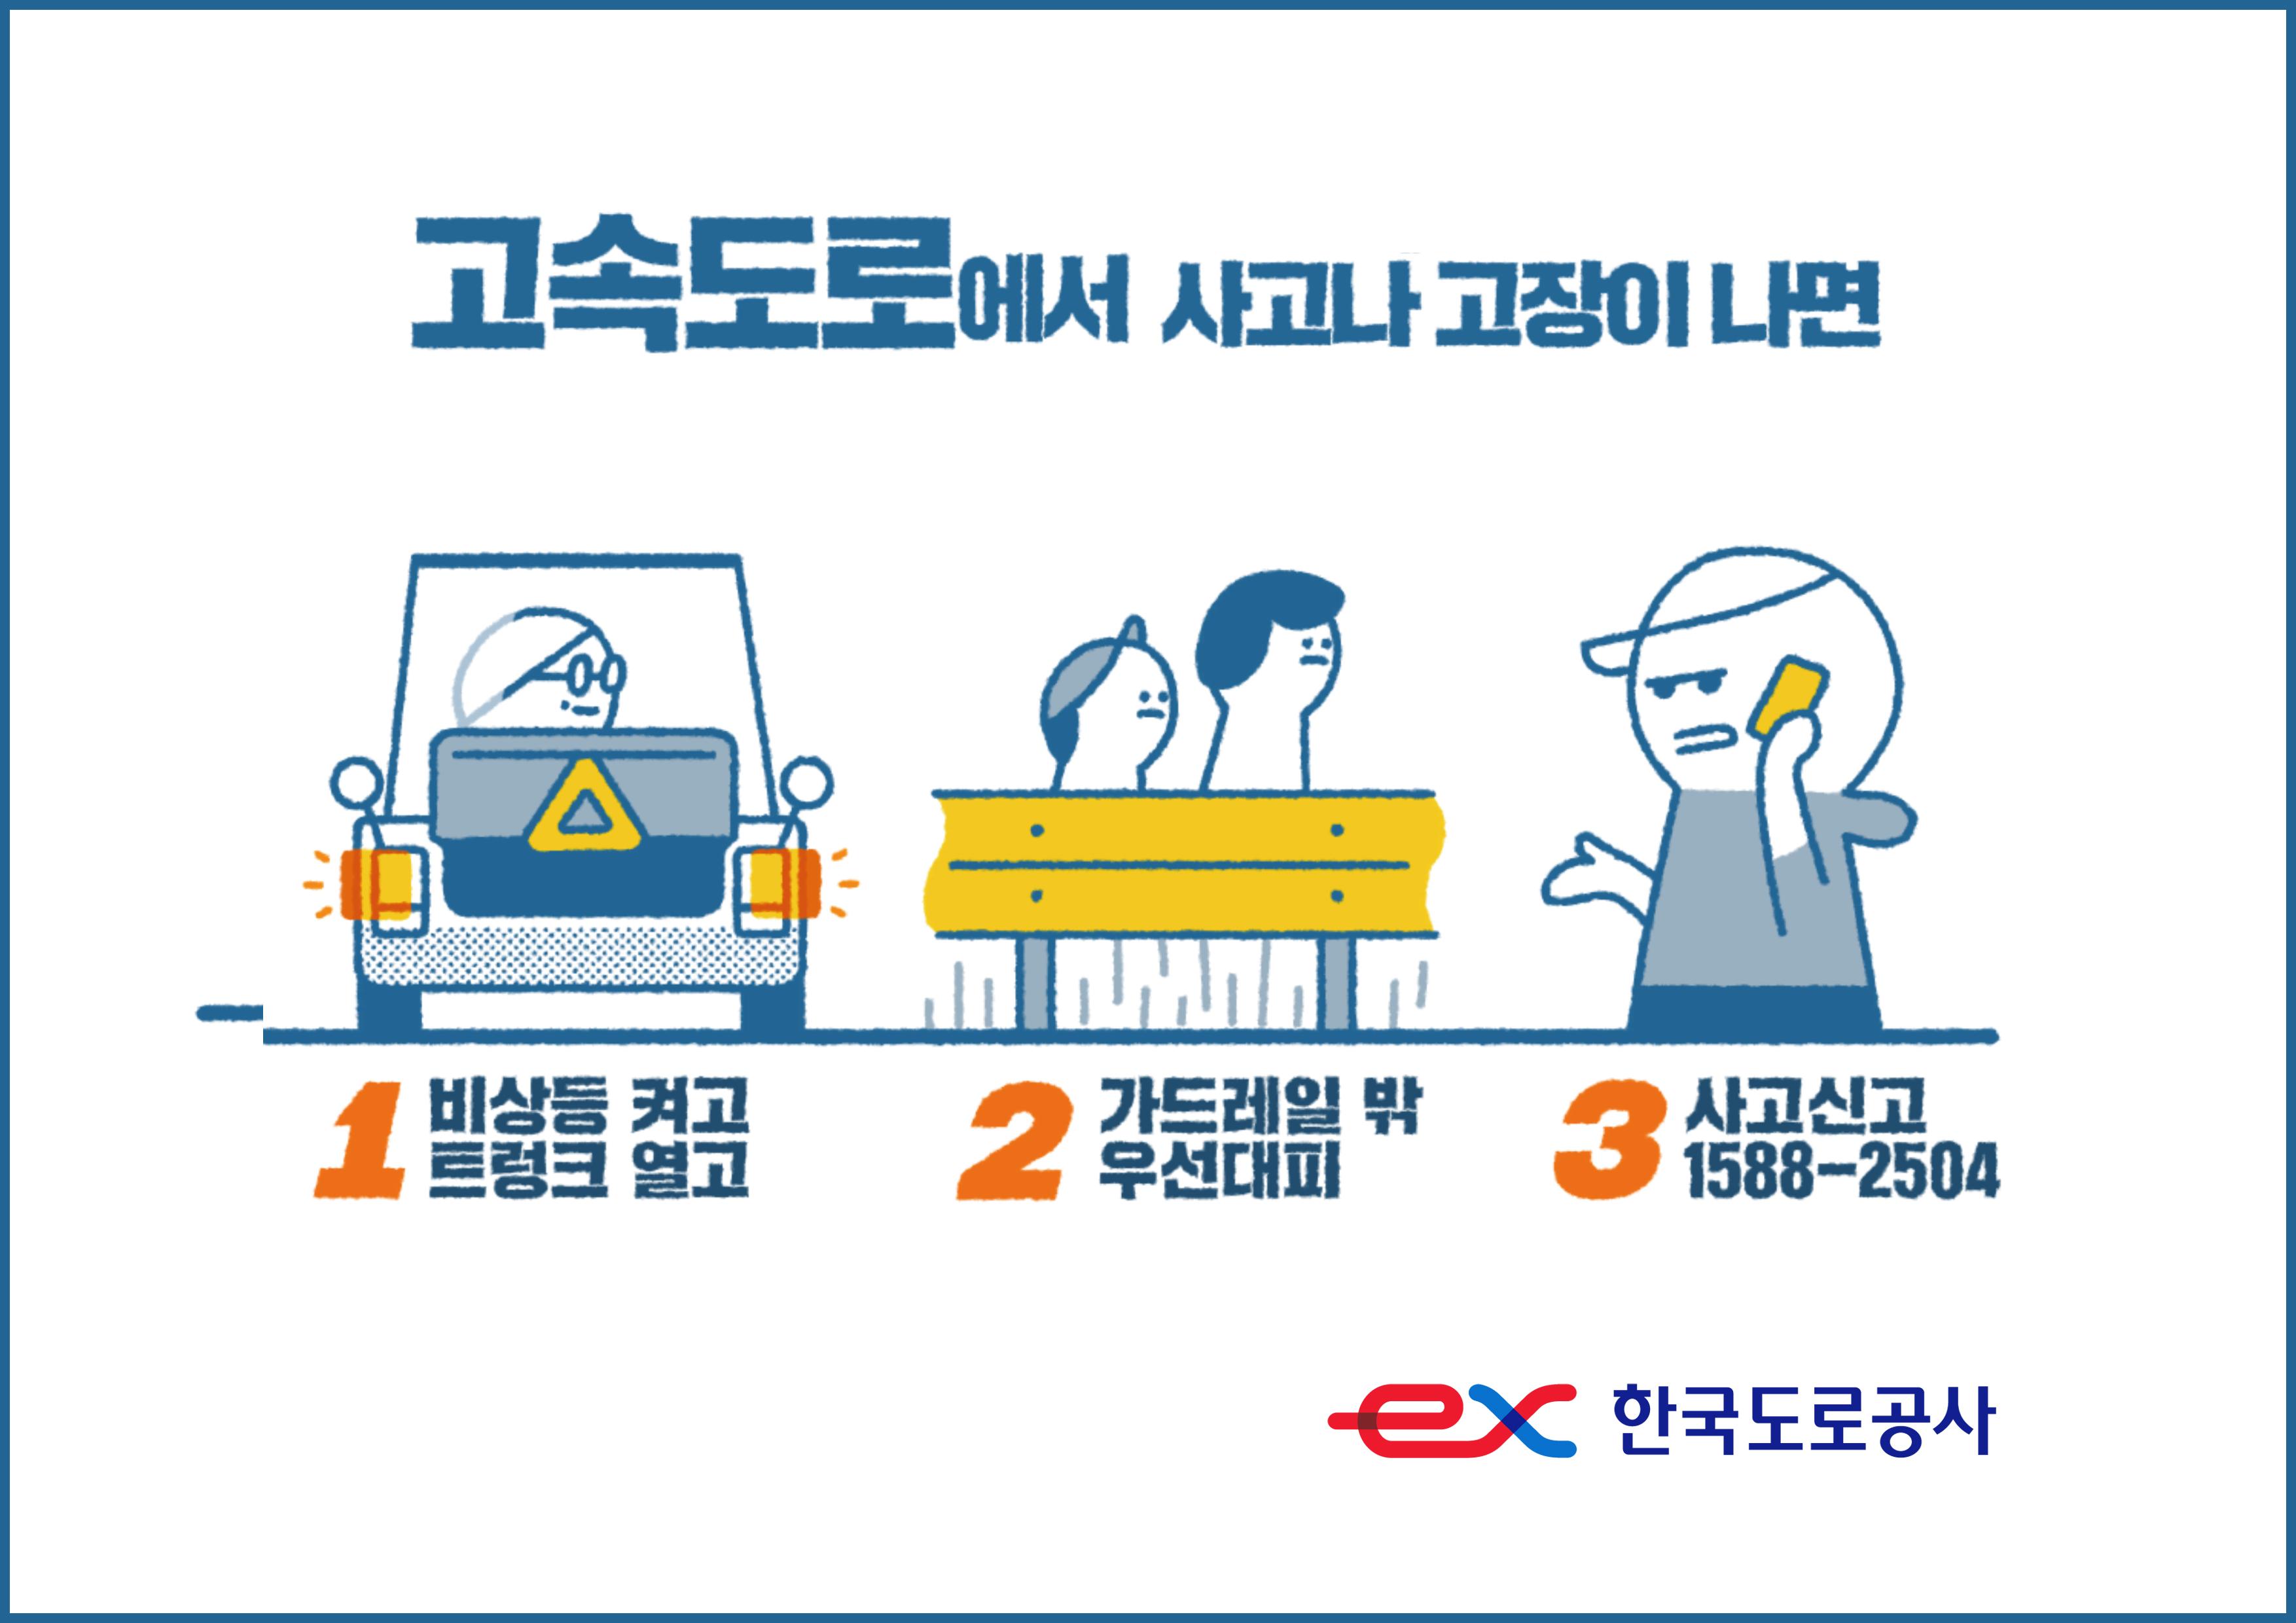 한국도로공사,올해 고속도로 사망자 8명 중 5명이 2차사고로 사망!운전자 행동요령 및 안전운전 실천 당부